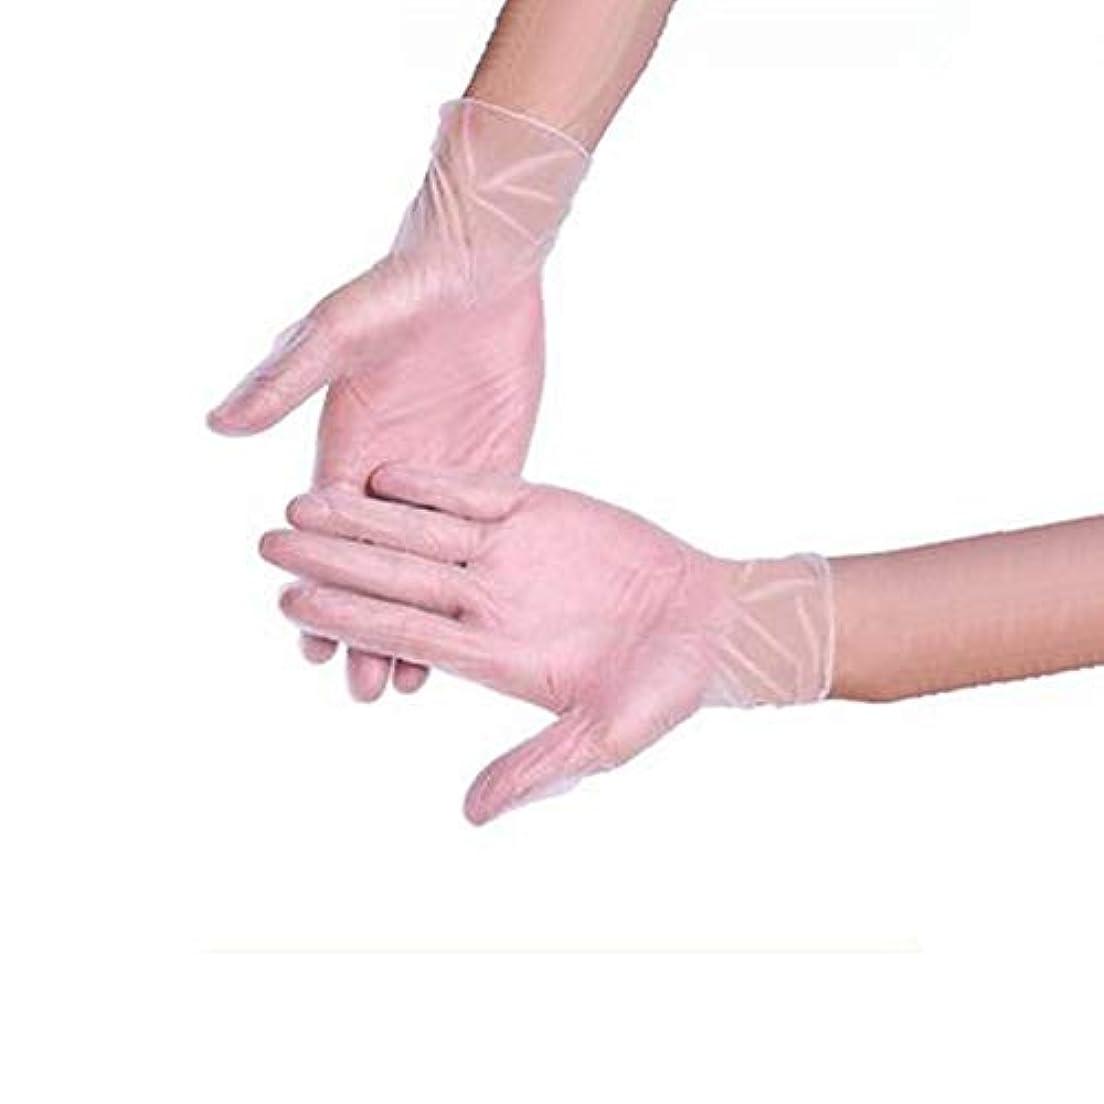 言い換えると爆風ブラスト食品ベーキング手袋美容ネイル使い捨て手袋クリーニング帯電防止手袋箱入り500のみ YANW (色 : トランスペアレント, サイズ さいず : Xl xl)